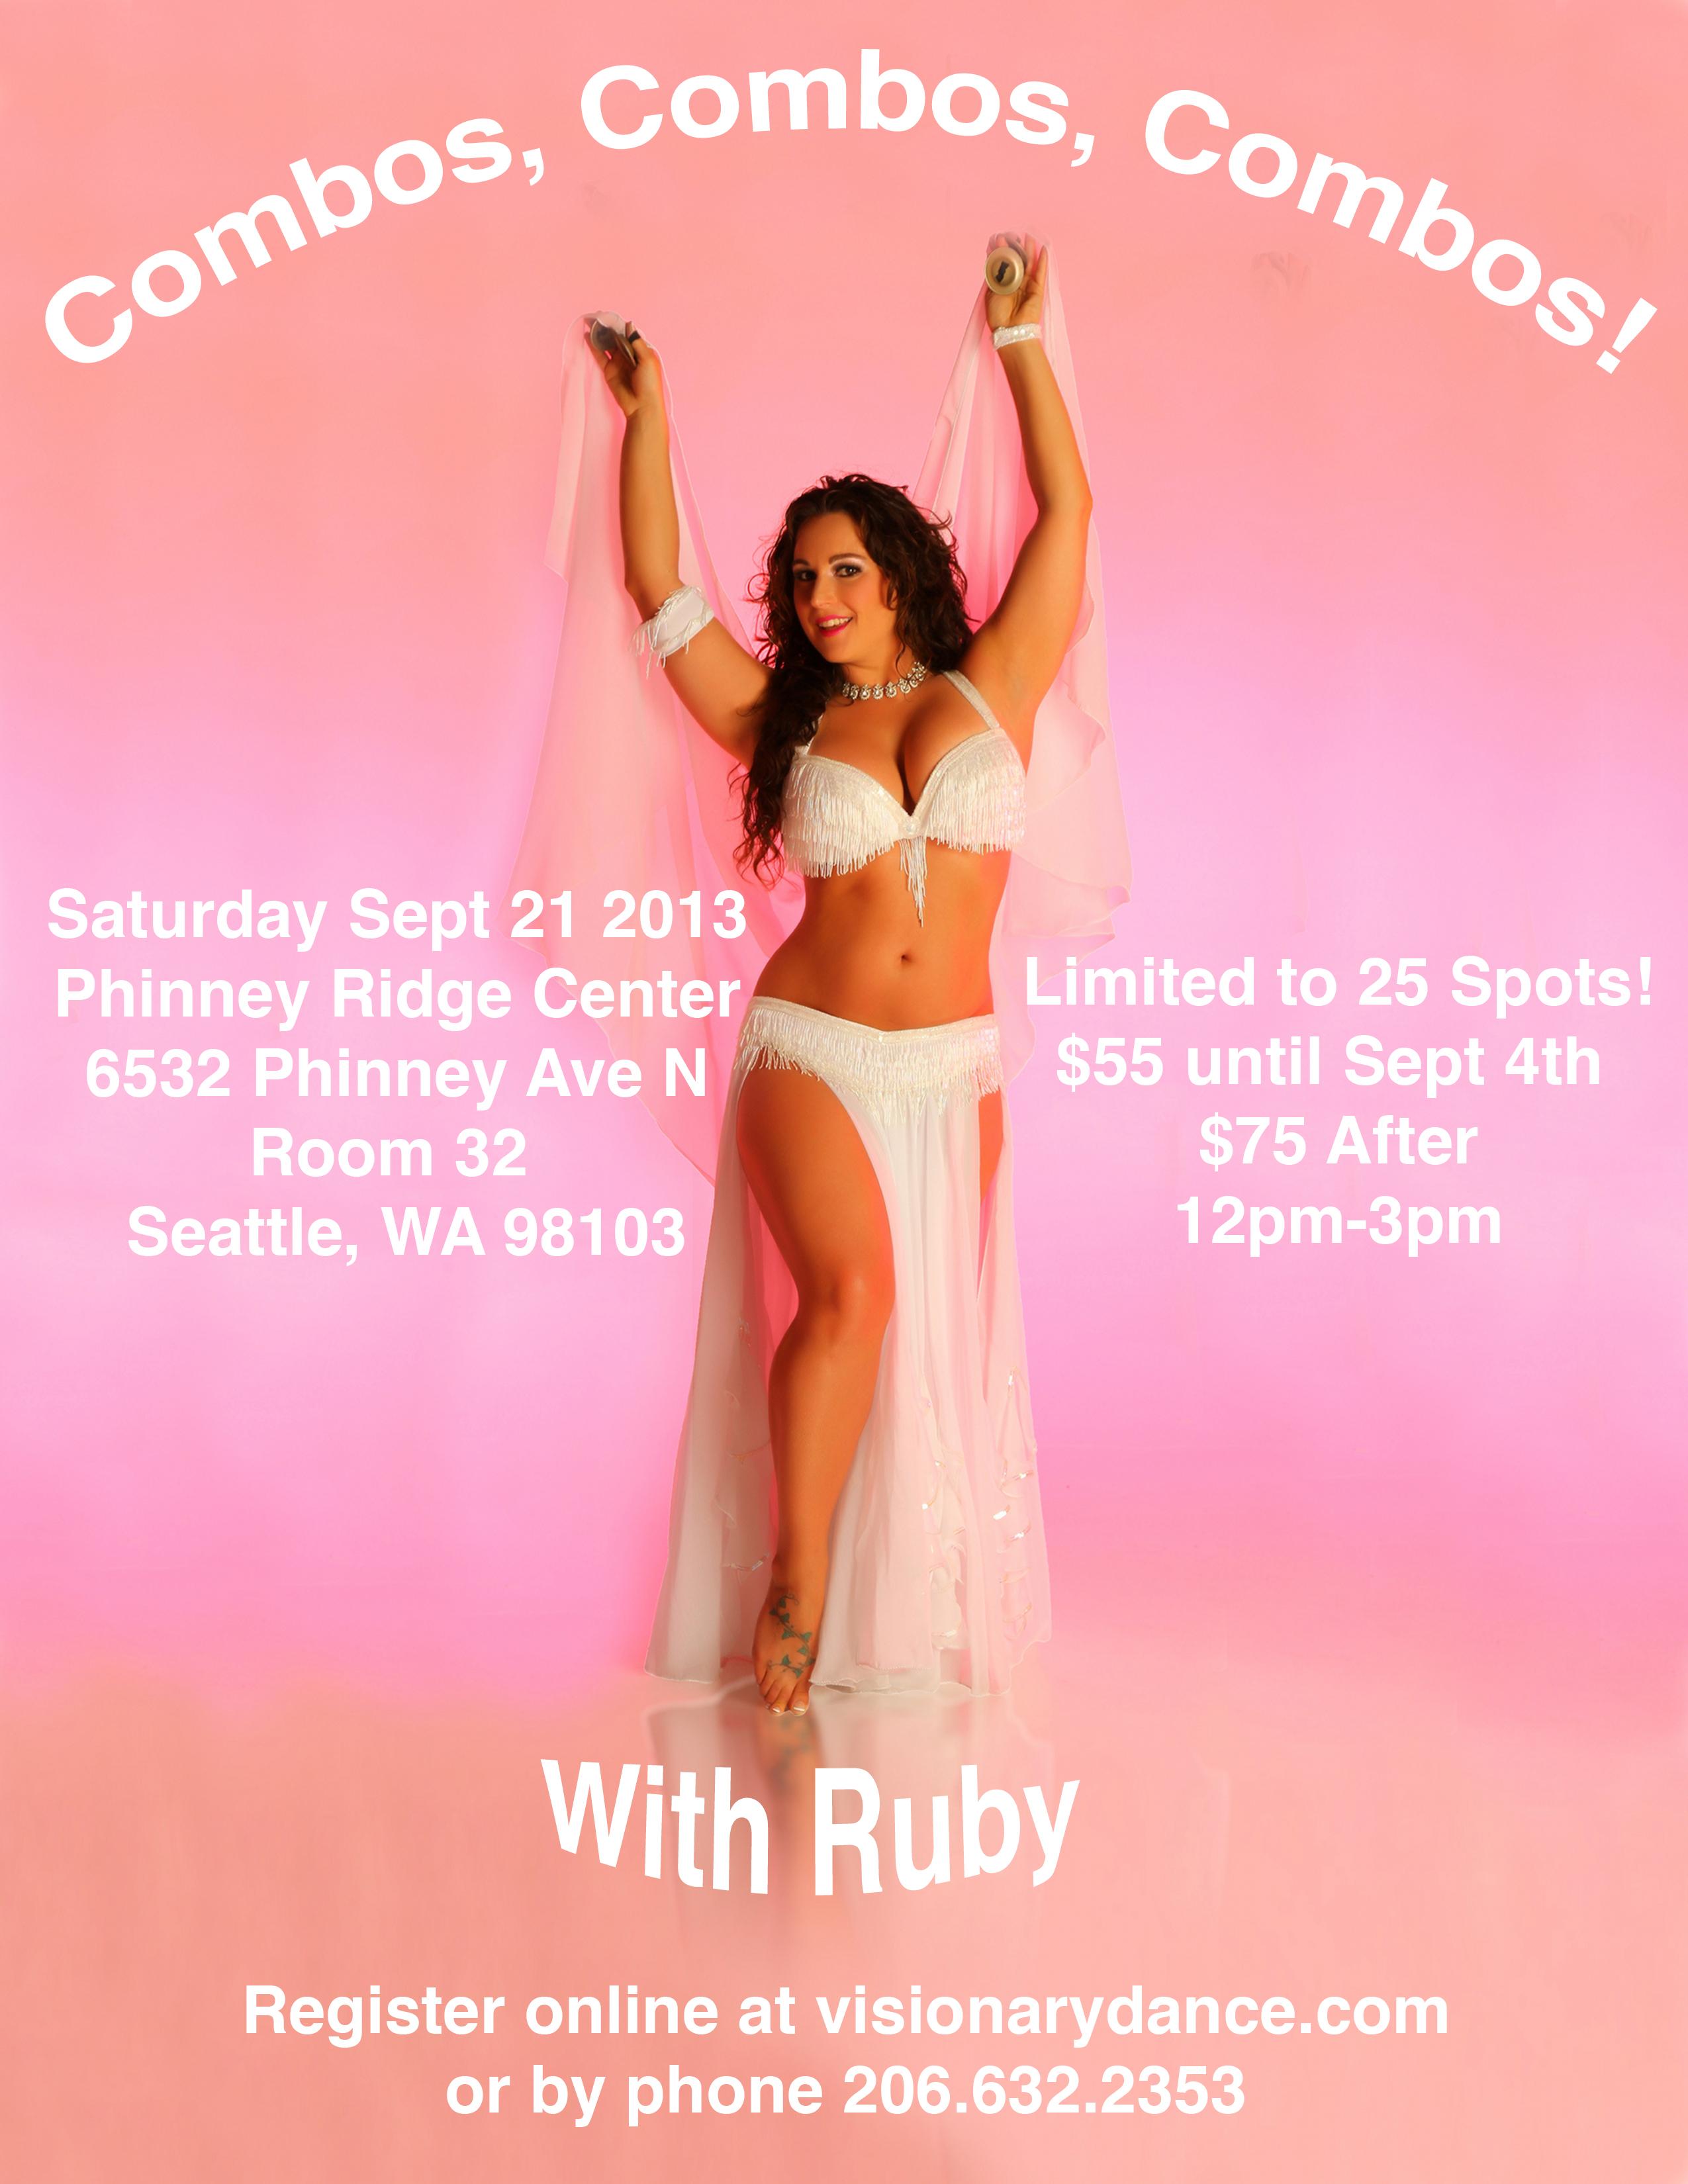 Ruby Sept 21